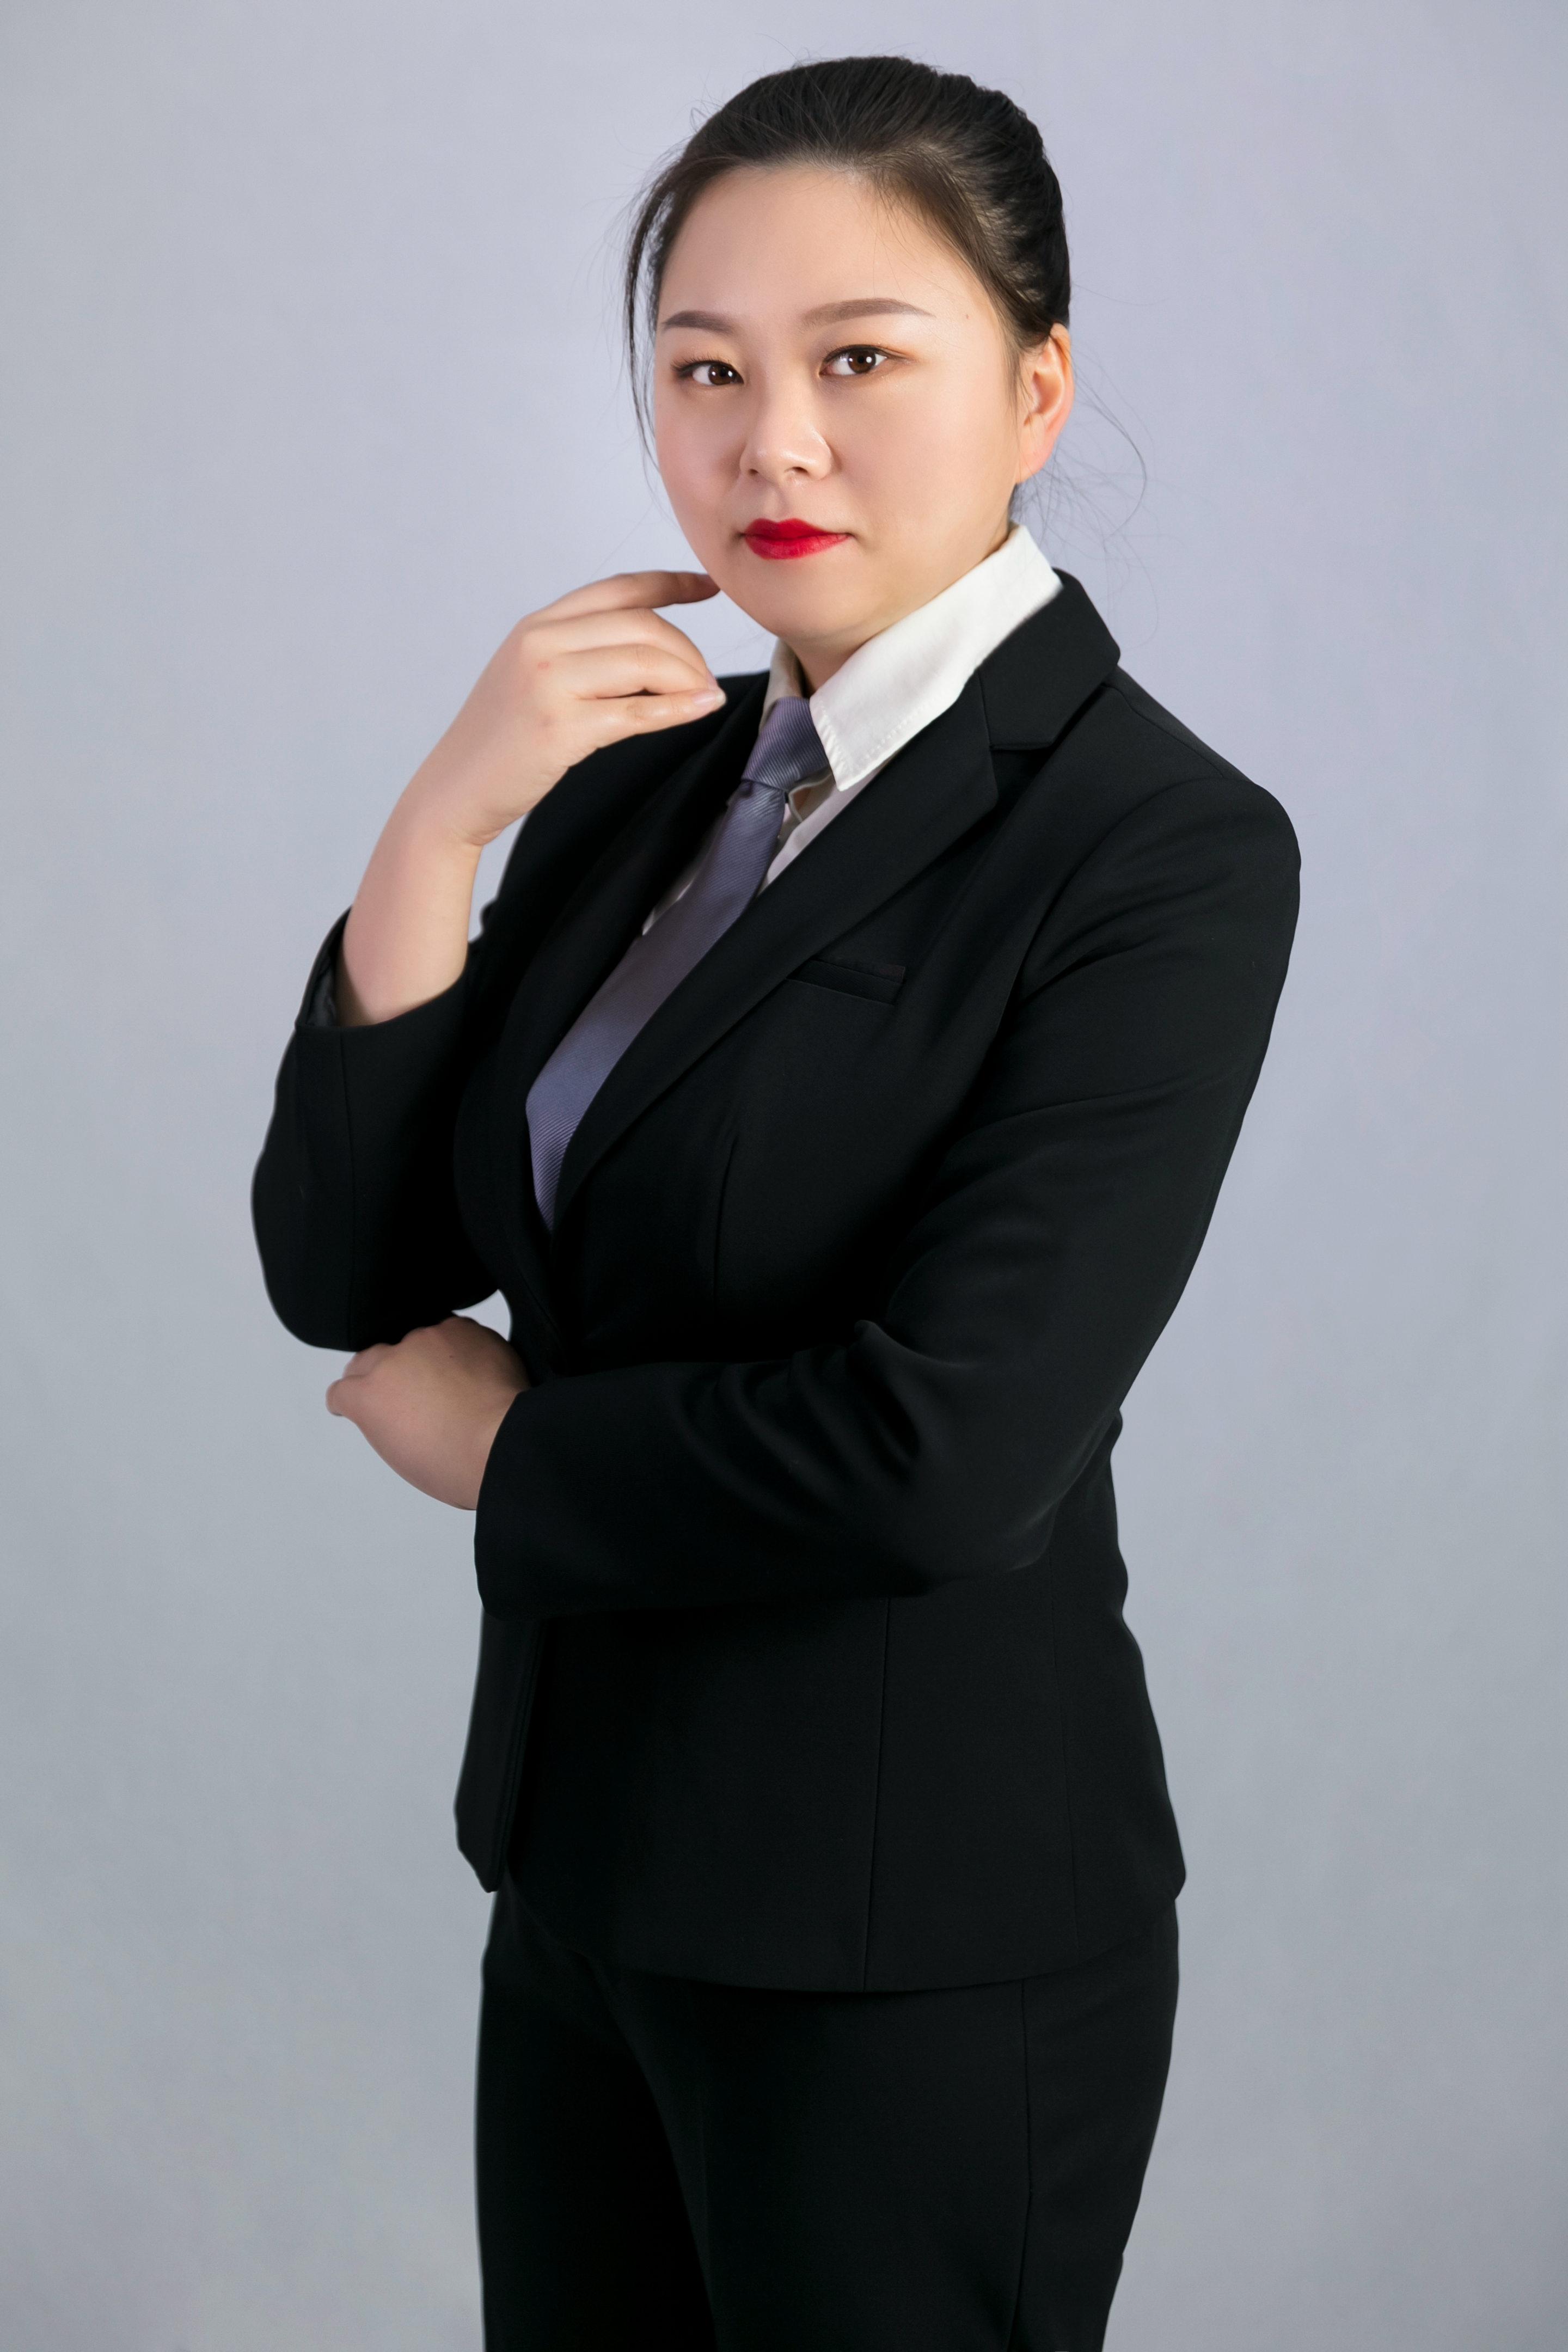 陕西专业律师价格 服务至上 陕西金控律师事务所供应